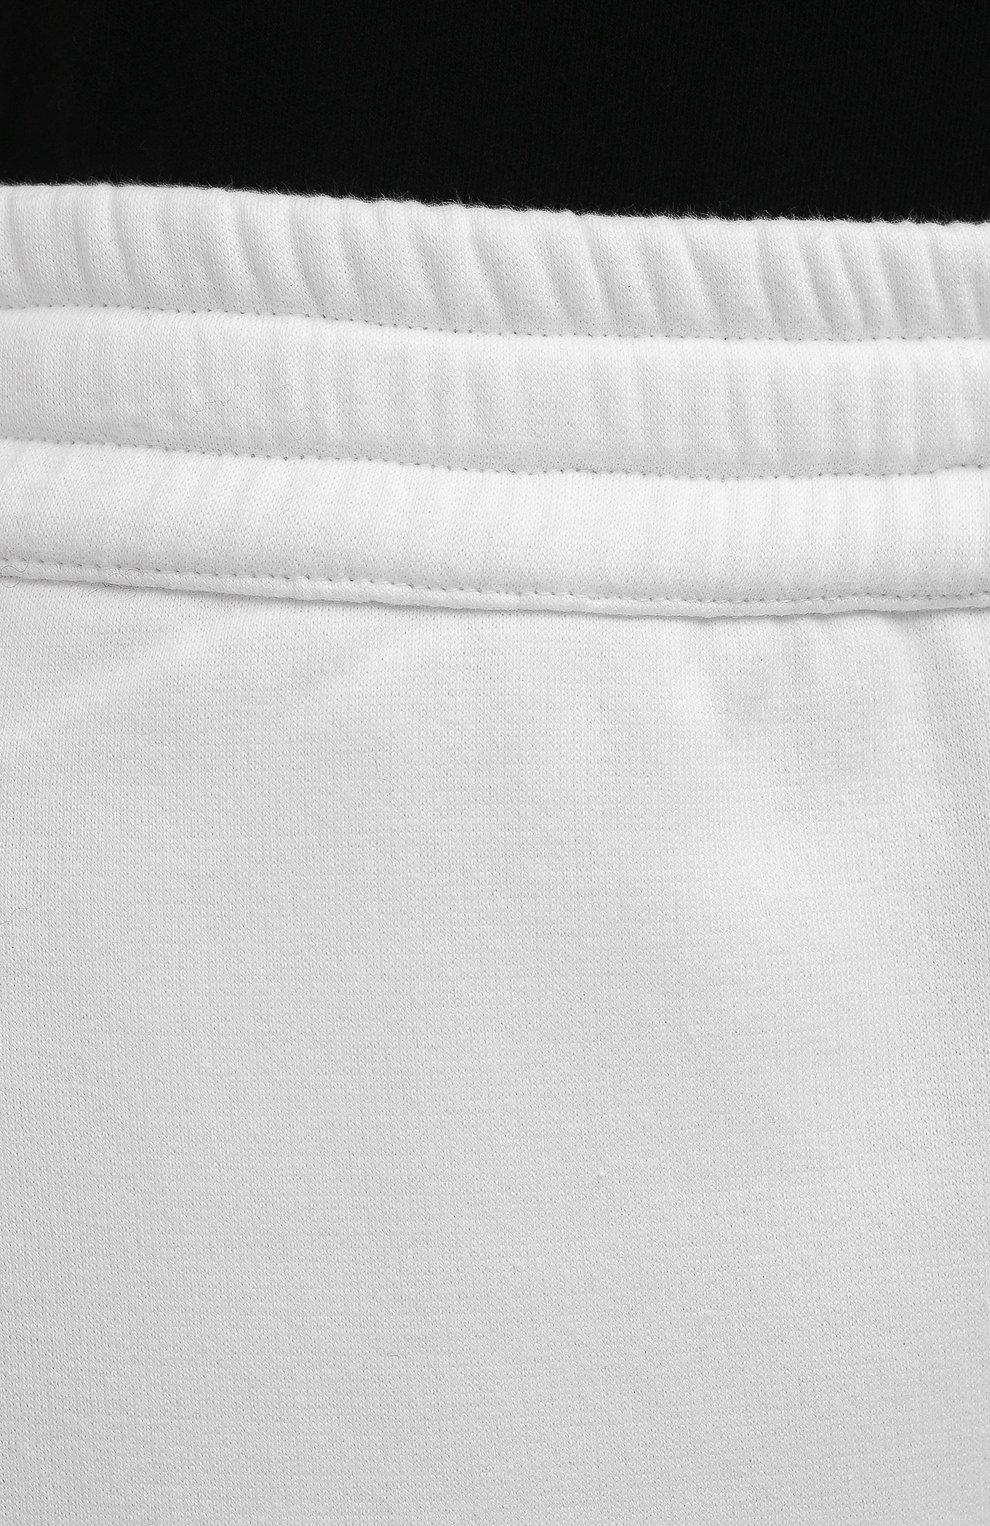 Мужские хлопковые шорты VALENTINO белого цвета, арт. WV3MD02D7FH | Фото 5 (Принт: Без принта; Длина Шорты М: Ниже колена; Кросс-КТ: Трикотаж; Материал внешний: Хлопок; Стили: Спорт-шик)